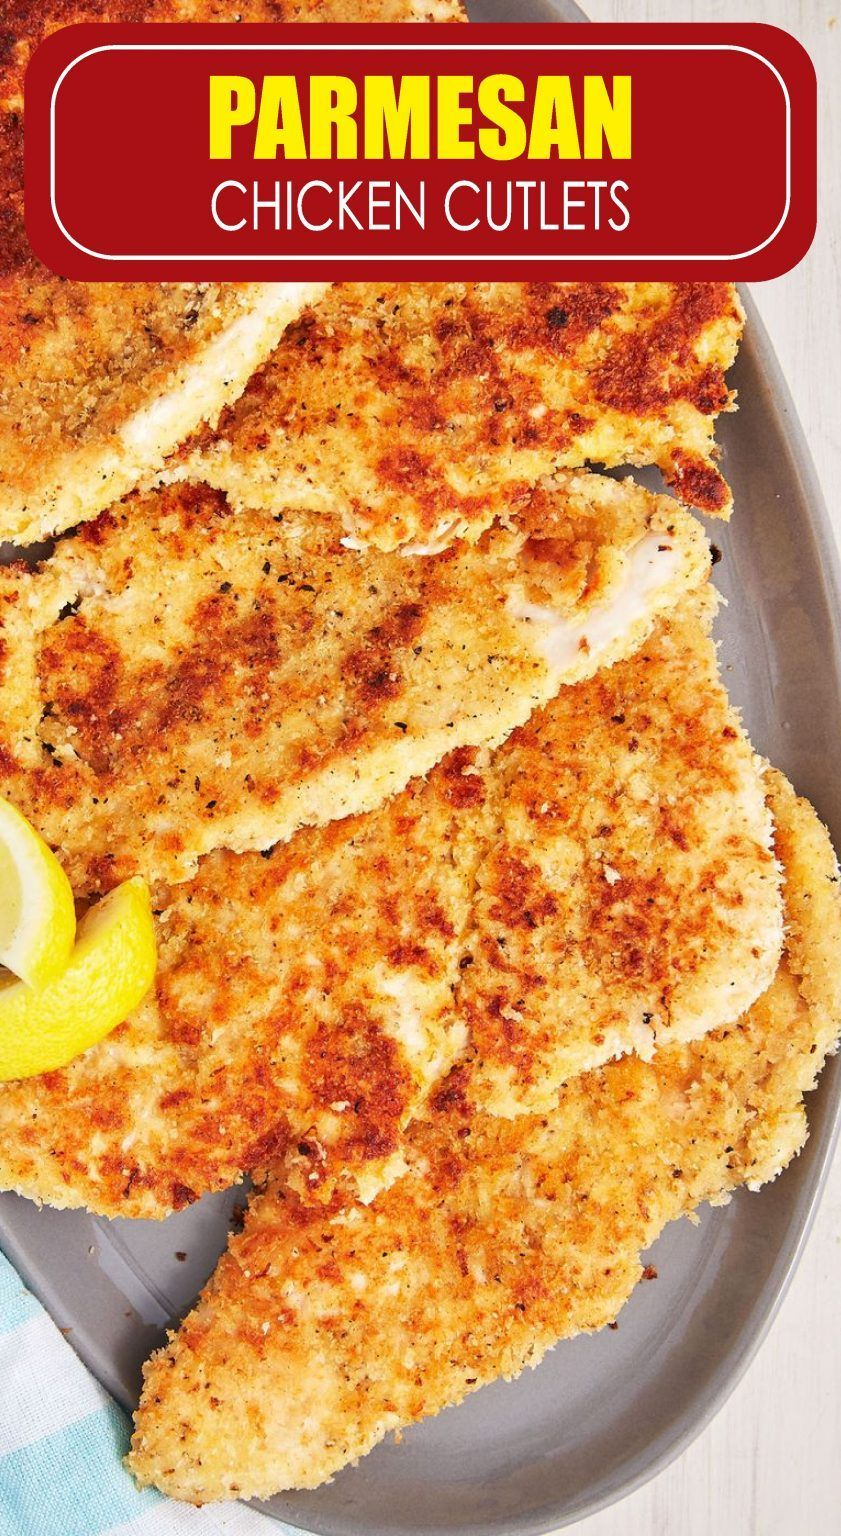 Easy Parmesan Chicken Cutlets Recipe  Skillet Chicken Dinners   Easy Parmesan Chicken Cutlets Recipe  Skillet Chicken Dinners Chicken Einfache Parmesan Hähnchen Schn...